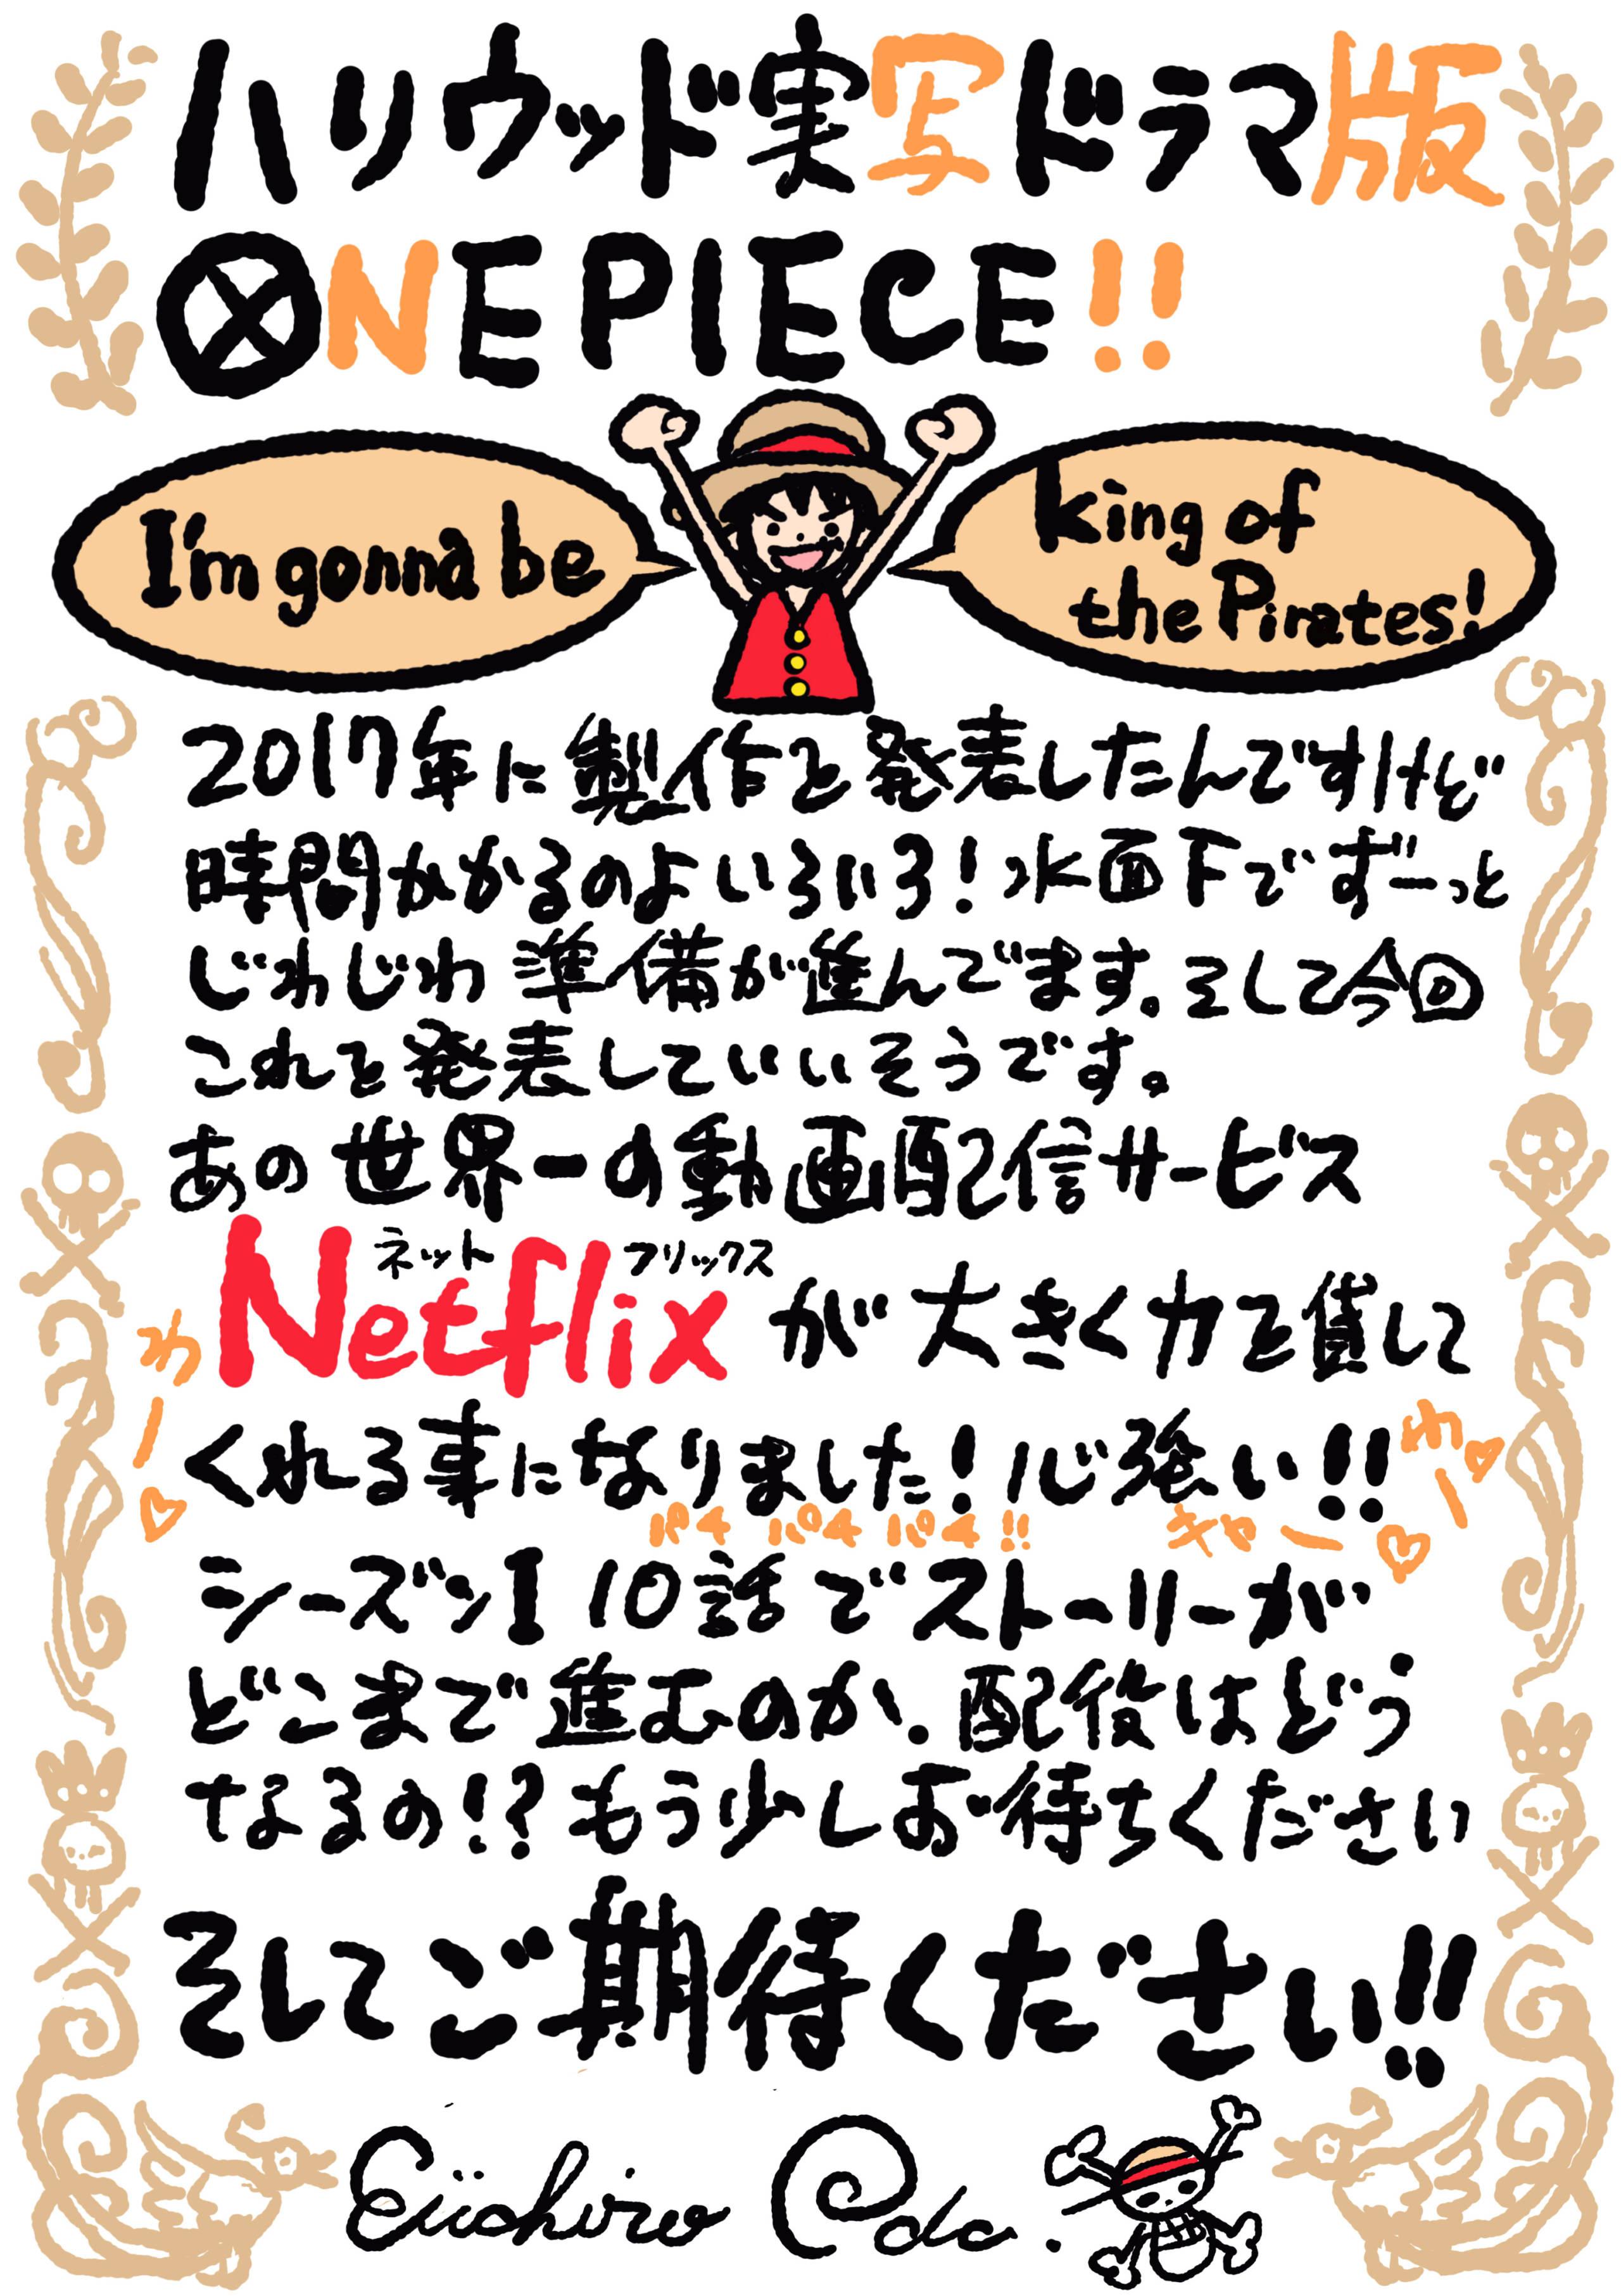 《航海王》作者親筆信宣布喜訊 熱血航海冒險真人版登陸Netflix Aoiouo11